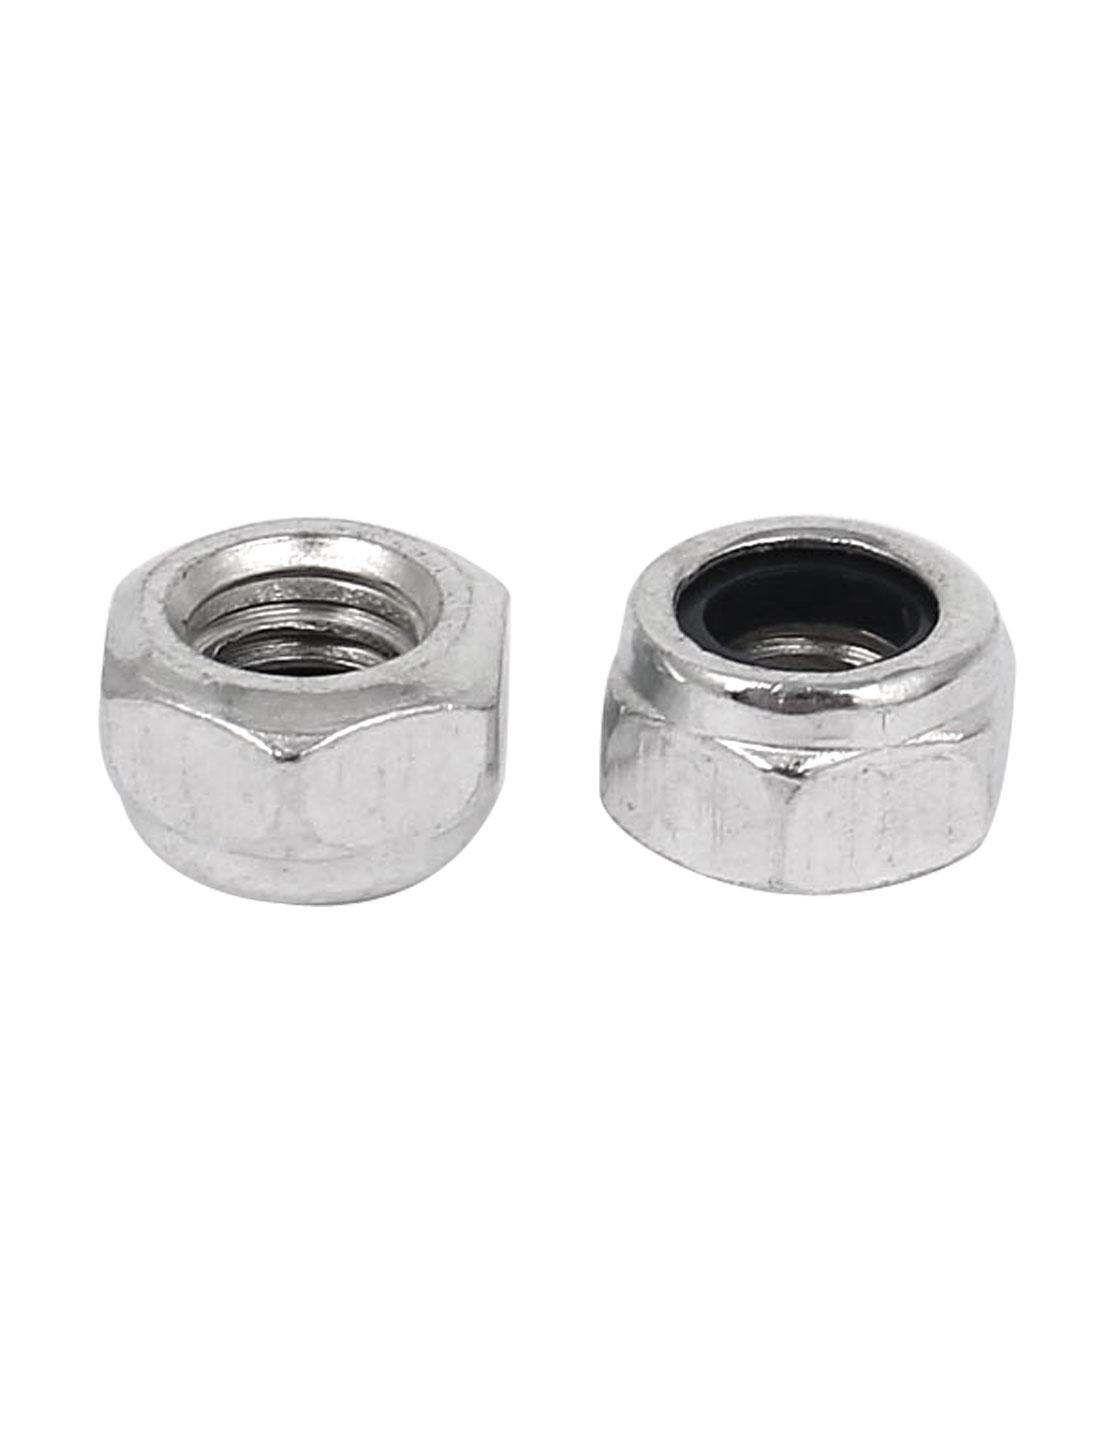 M6 x 1mm Zinc Plated Nylock Self-Locking Nylon Insert Hex Lock Nuts 100pcs